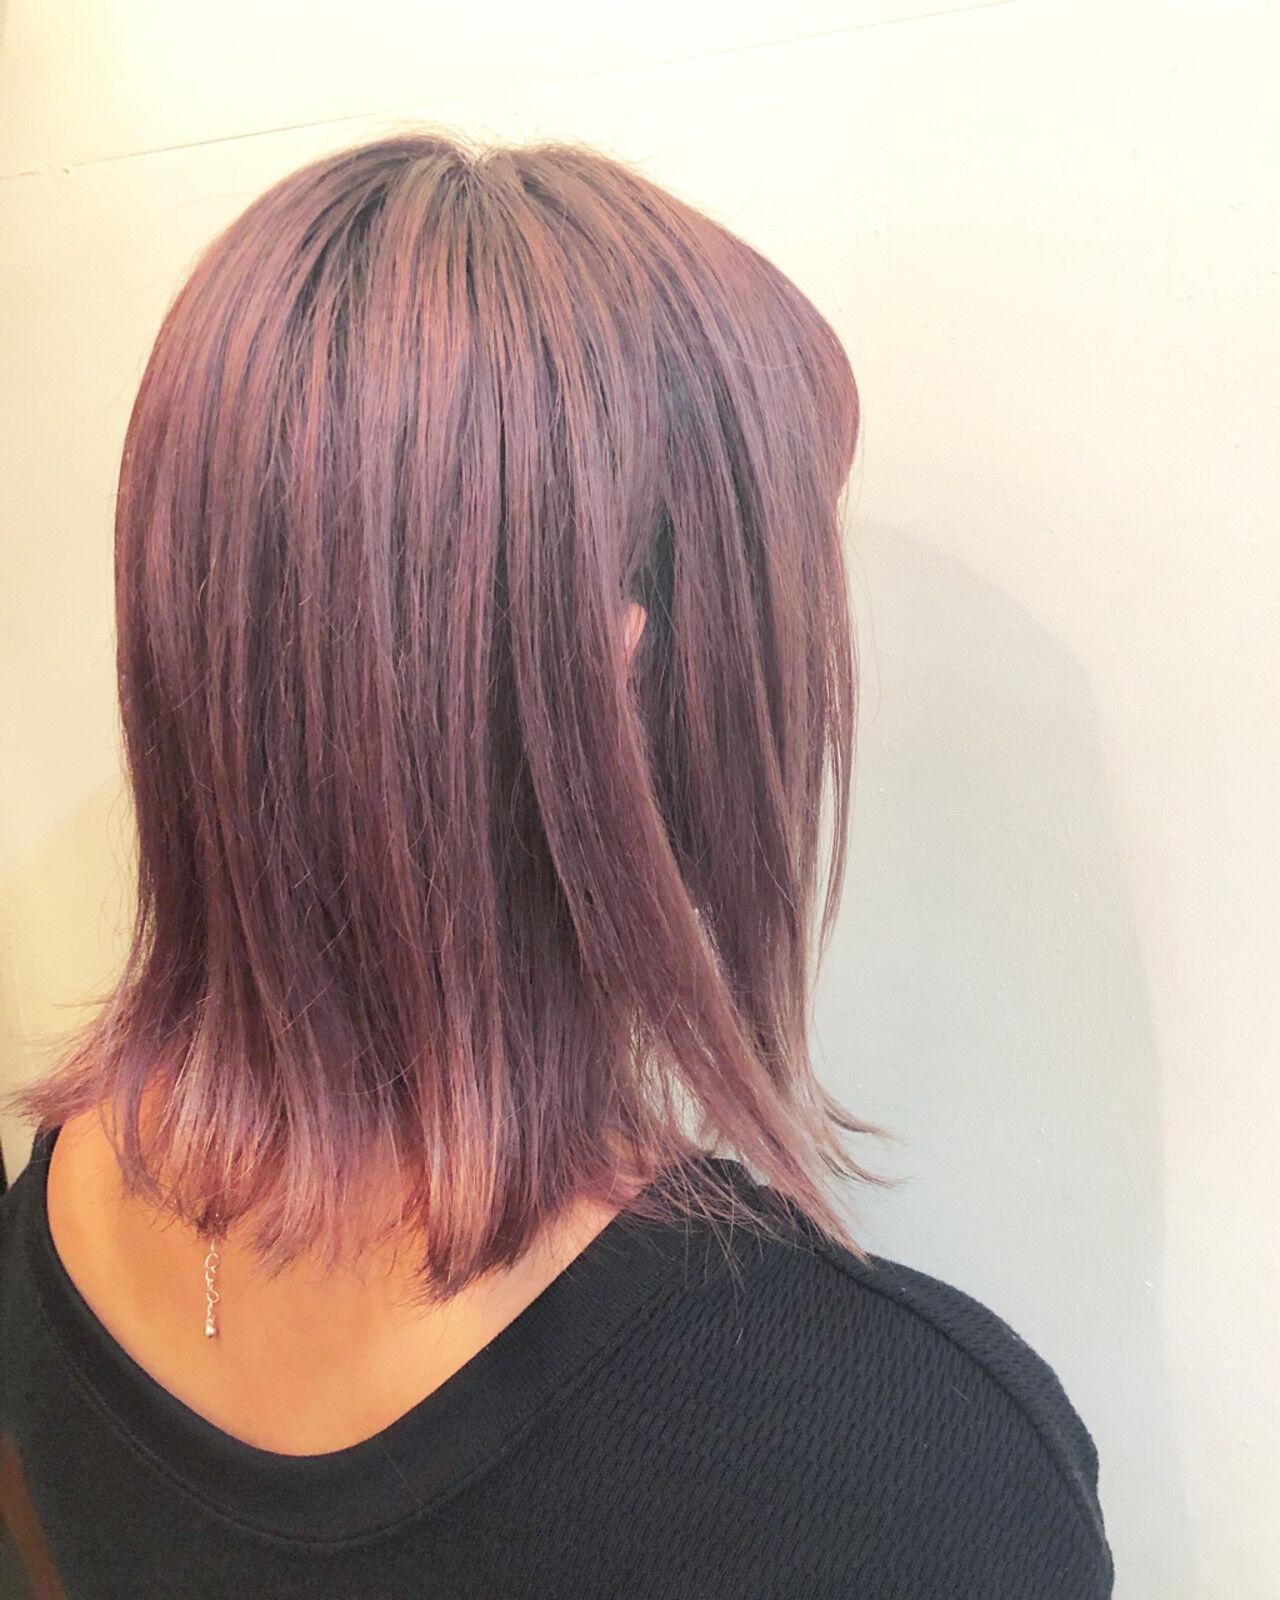 ストリート ボブ グラデーションカラー バレイヤージュヘアスタイルや髪型の写真・画像